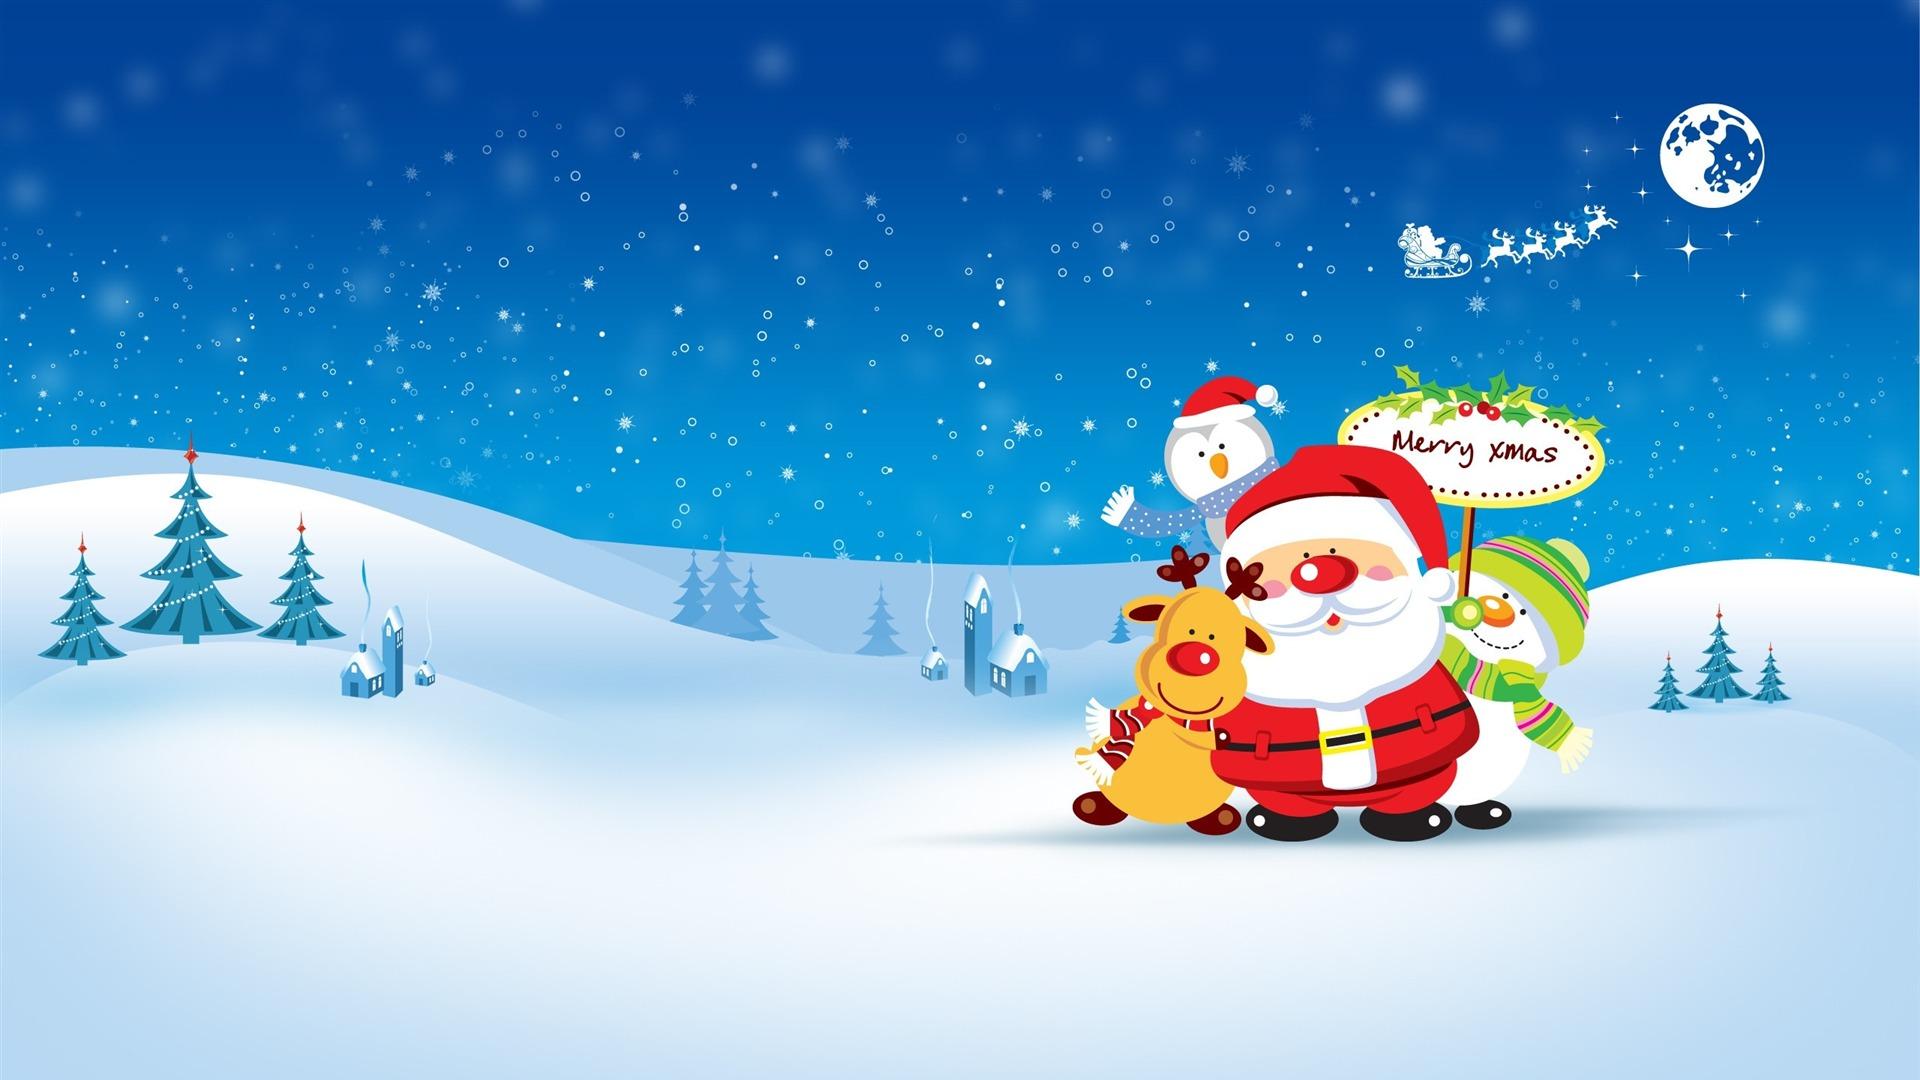 クリスマス クリスマスアイテム ジュエリーのデスクトップの壁紙プレビュー 10wallpaper Com